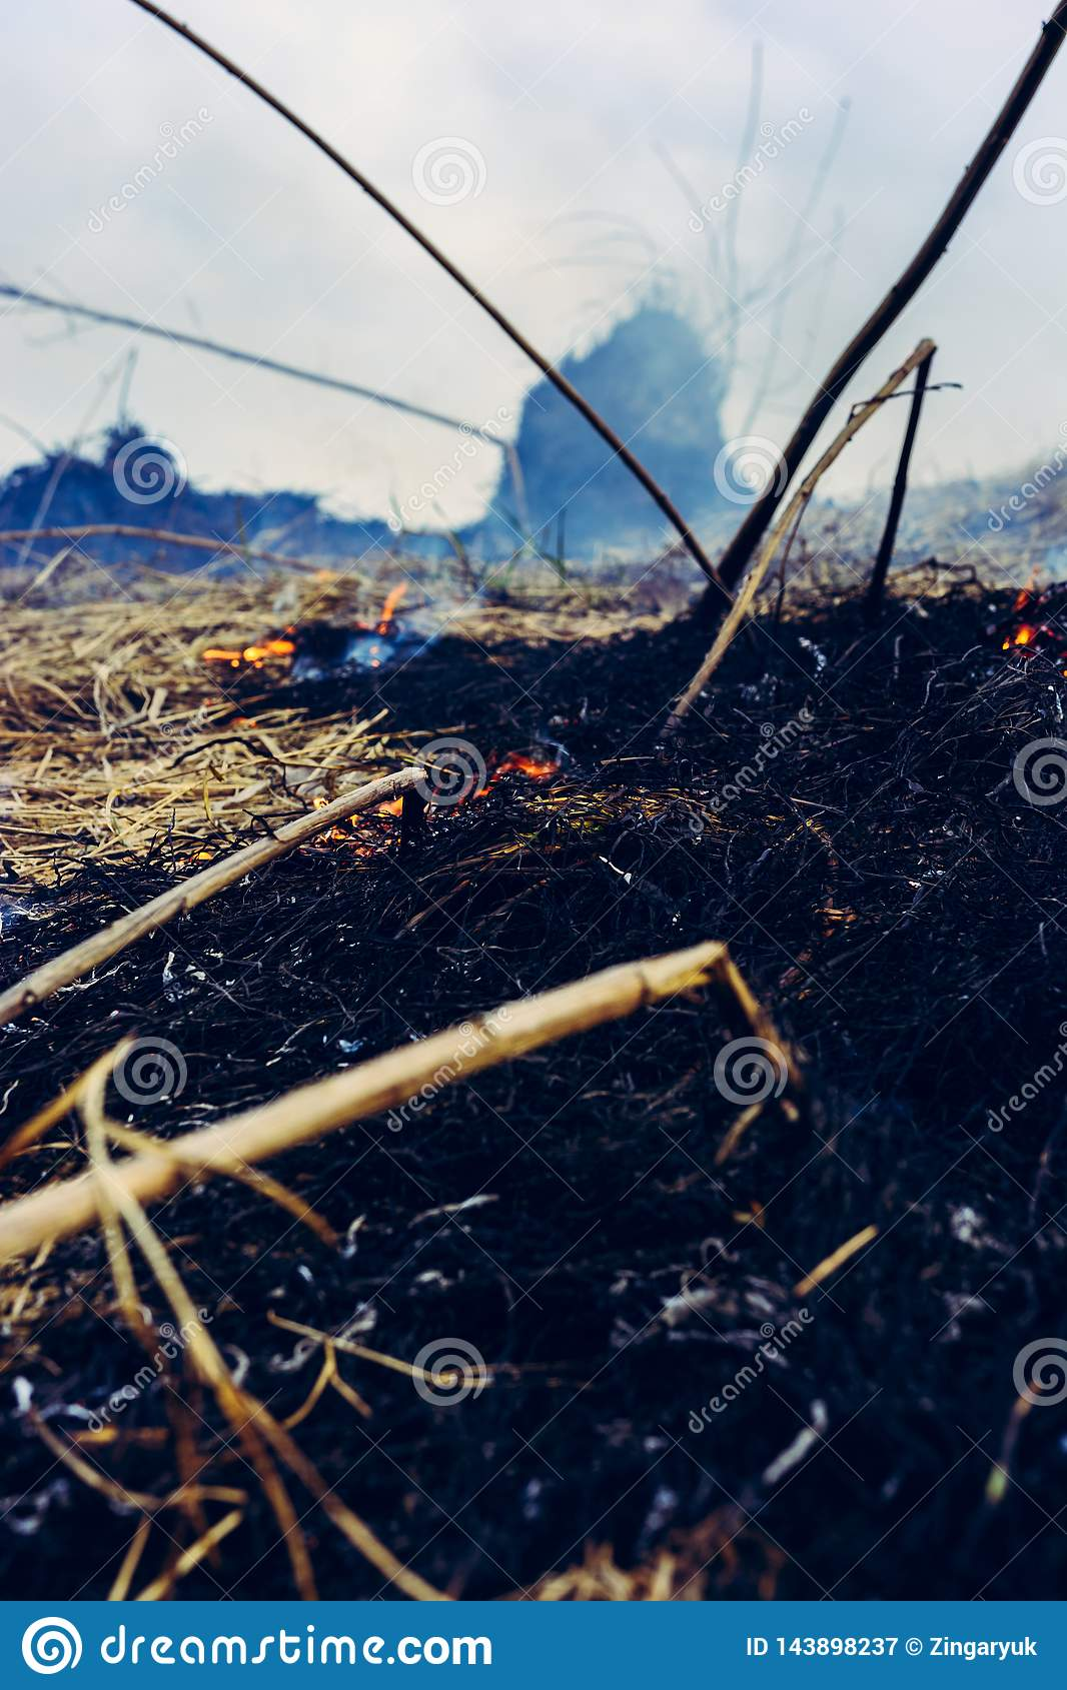 La hierba está quemando, el fuego cuyo destruye todo en su trayectoria